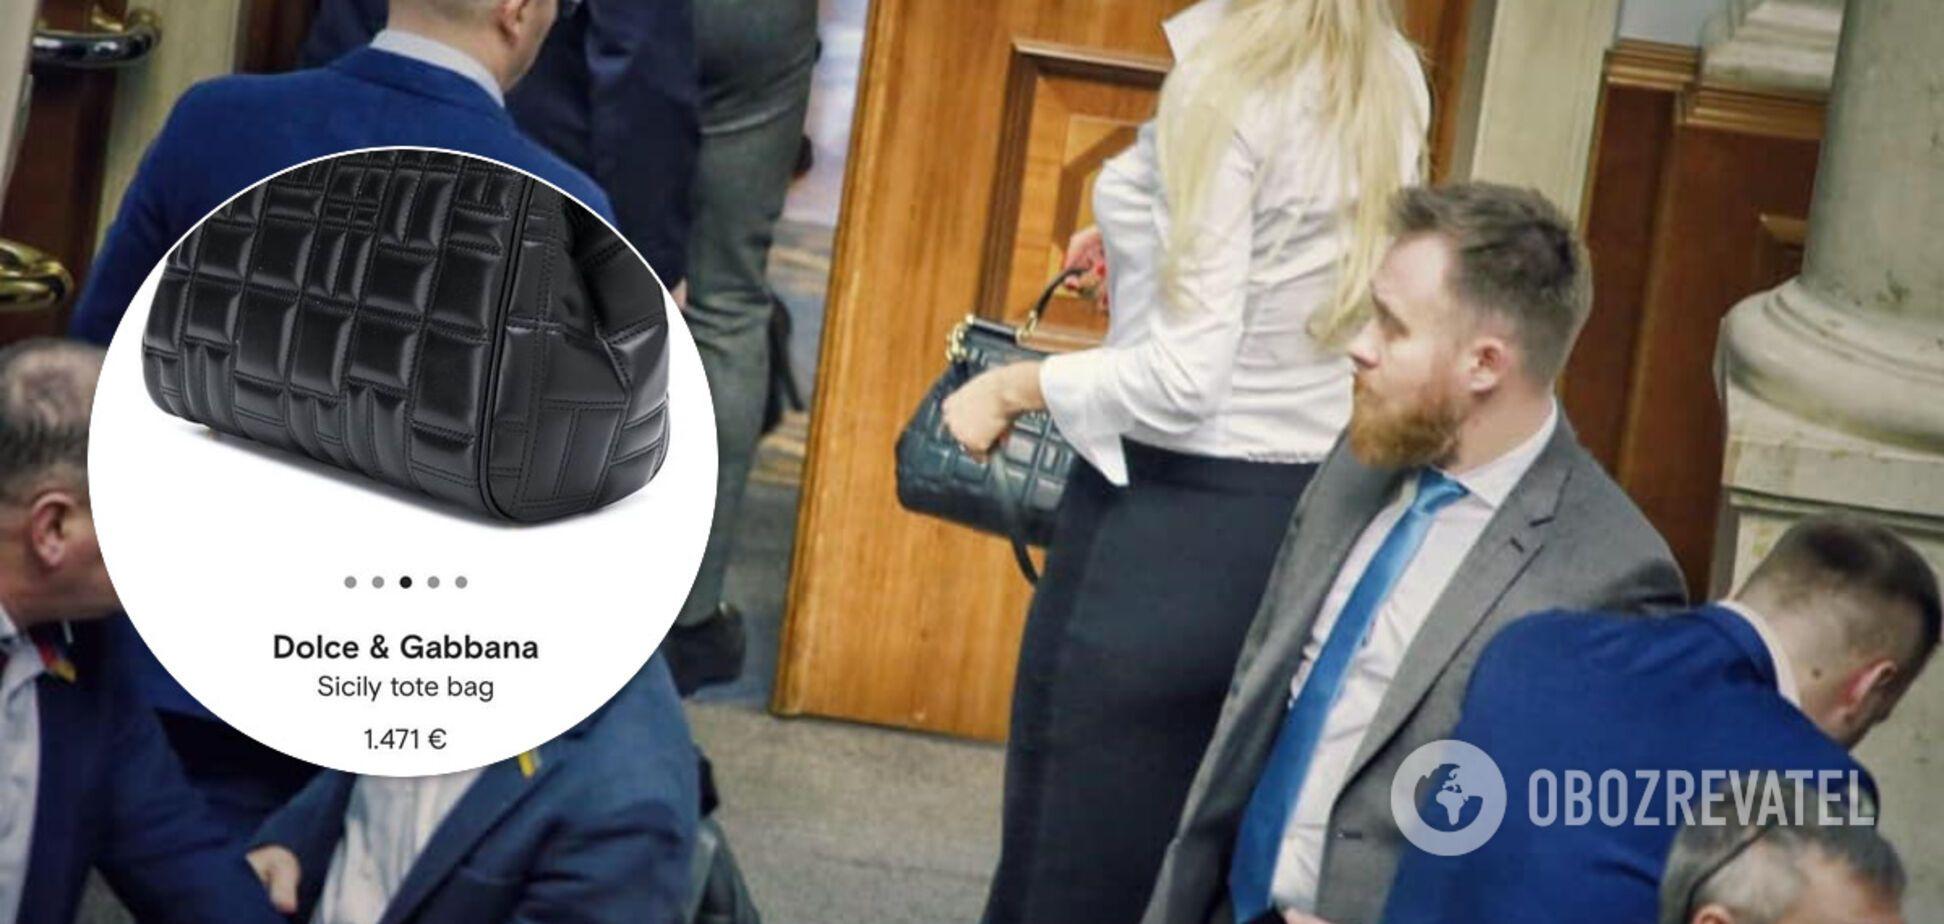 Модниця зі 'Слуги народу' засвітила в Раді нову сумку майже за 1500 євро. Фото